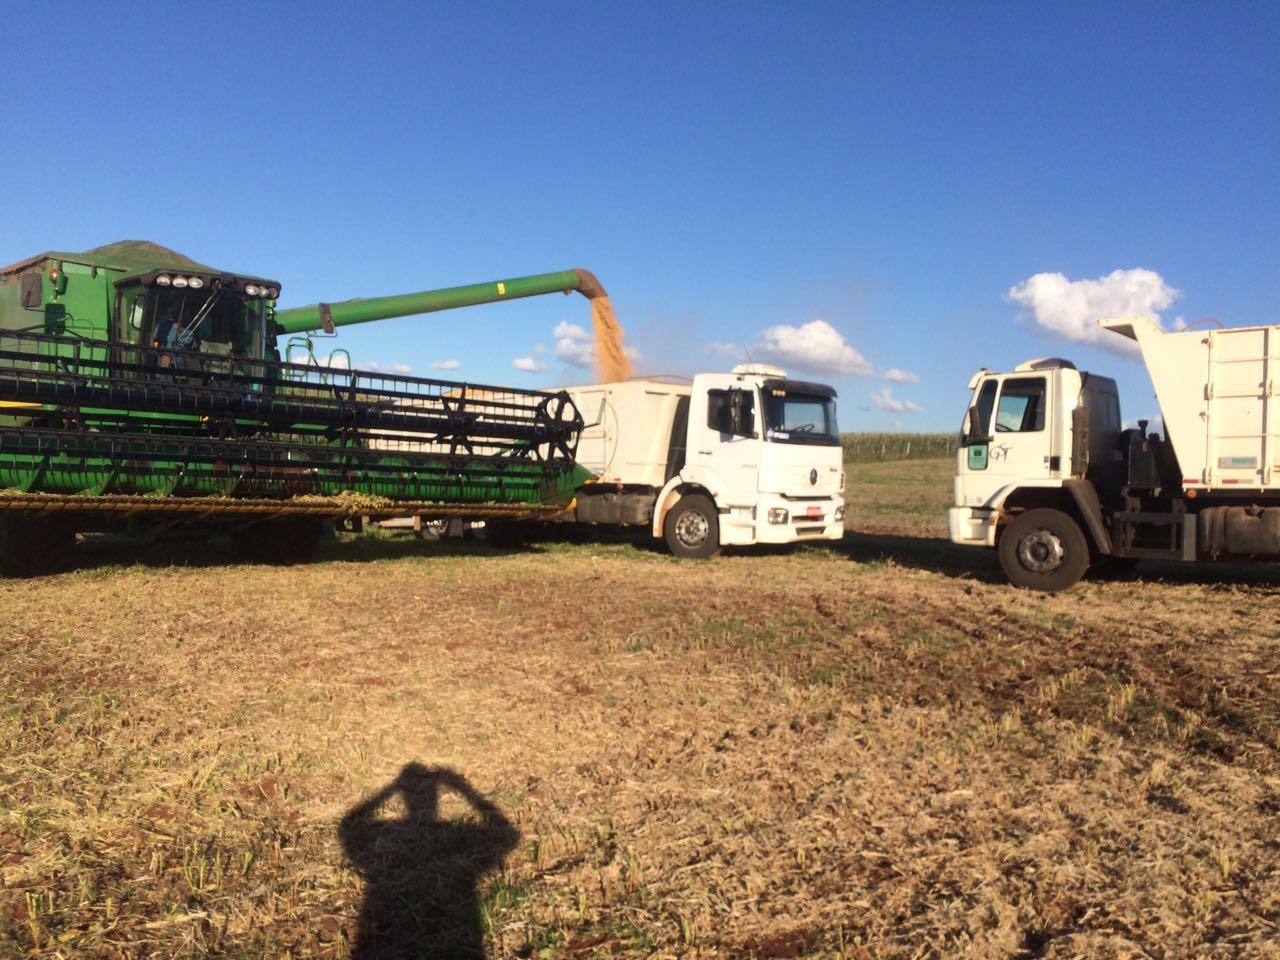 Final da colheita de soja em Ibiaçá (RS). Envio de Cesar Luis Copatti